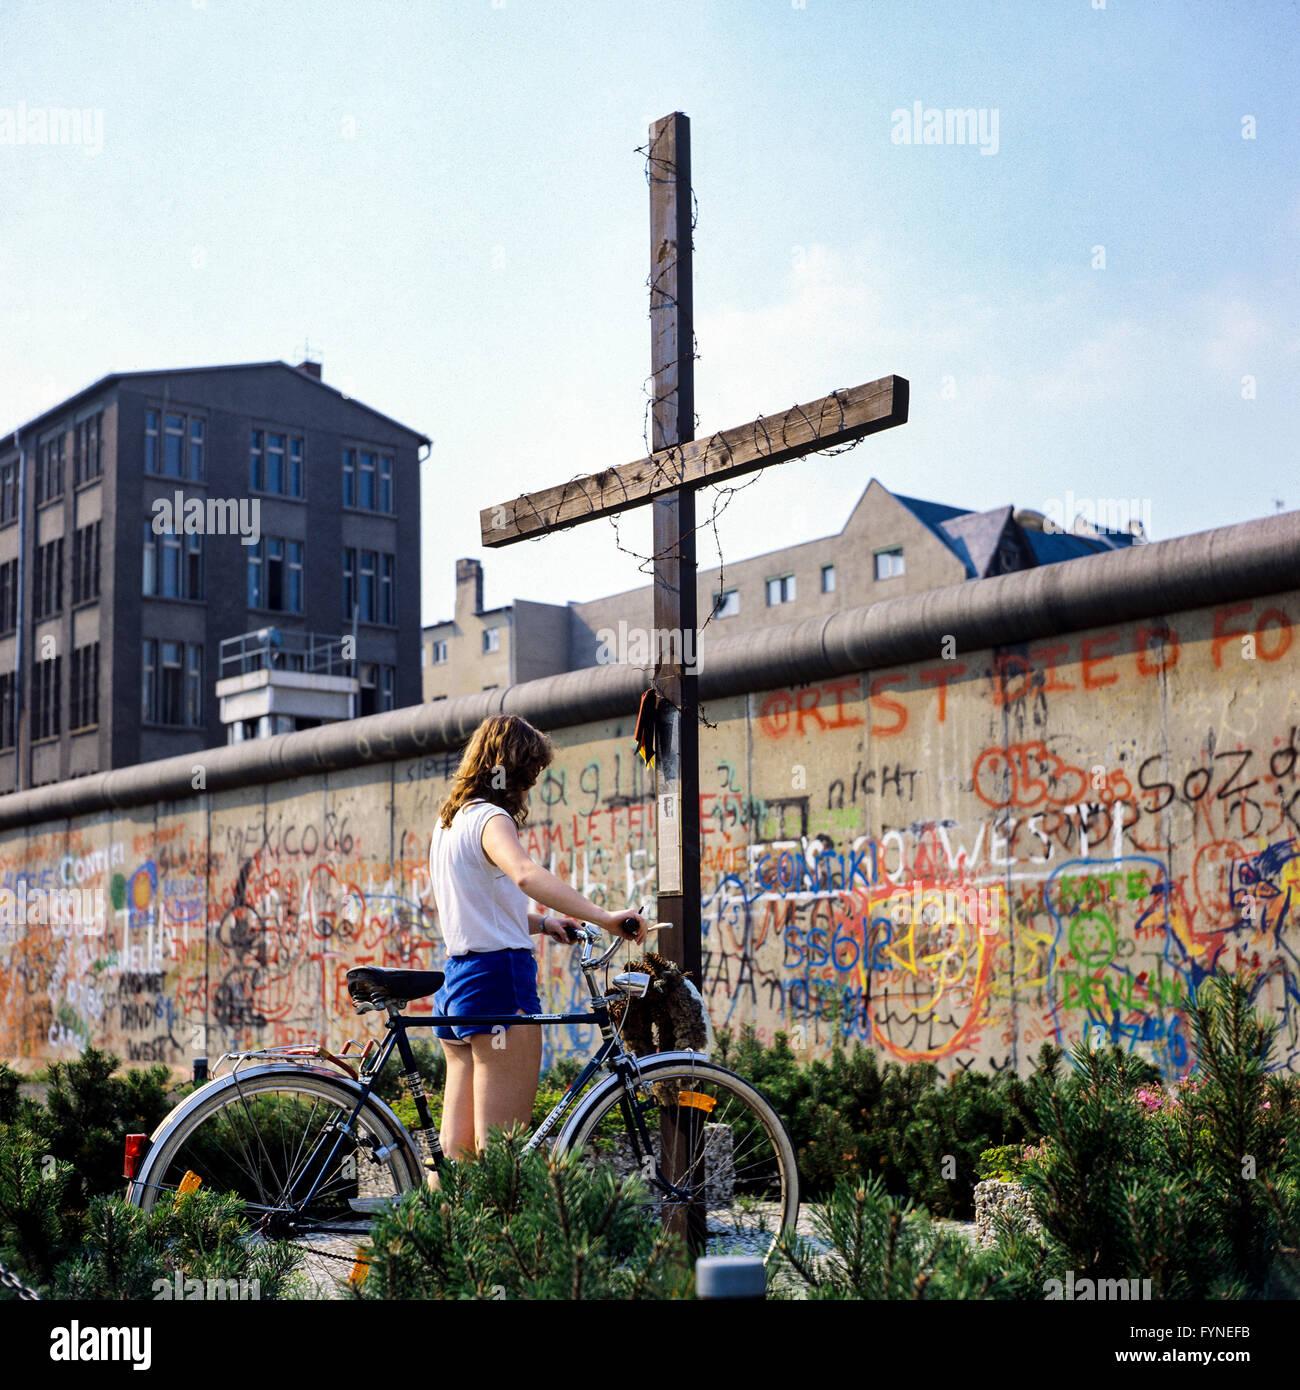 August 1986, junge Frau mit dem Fahrrad, Peter Fechter, Memorial, Graffiti auf der Berliner Mauer, Zimmerstraße Stockfoto